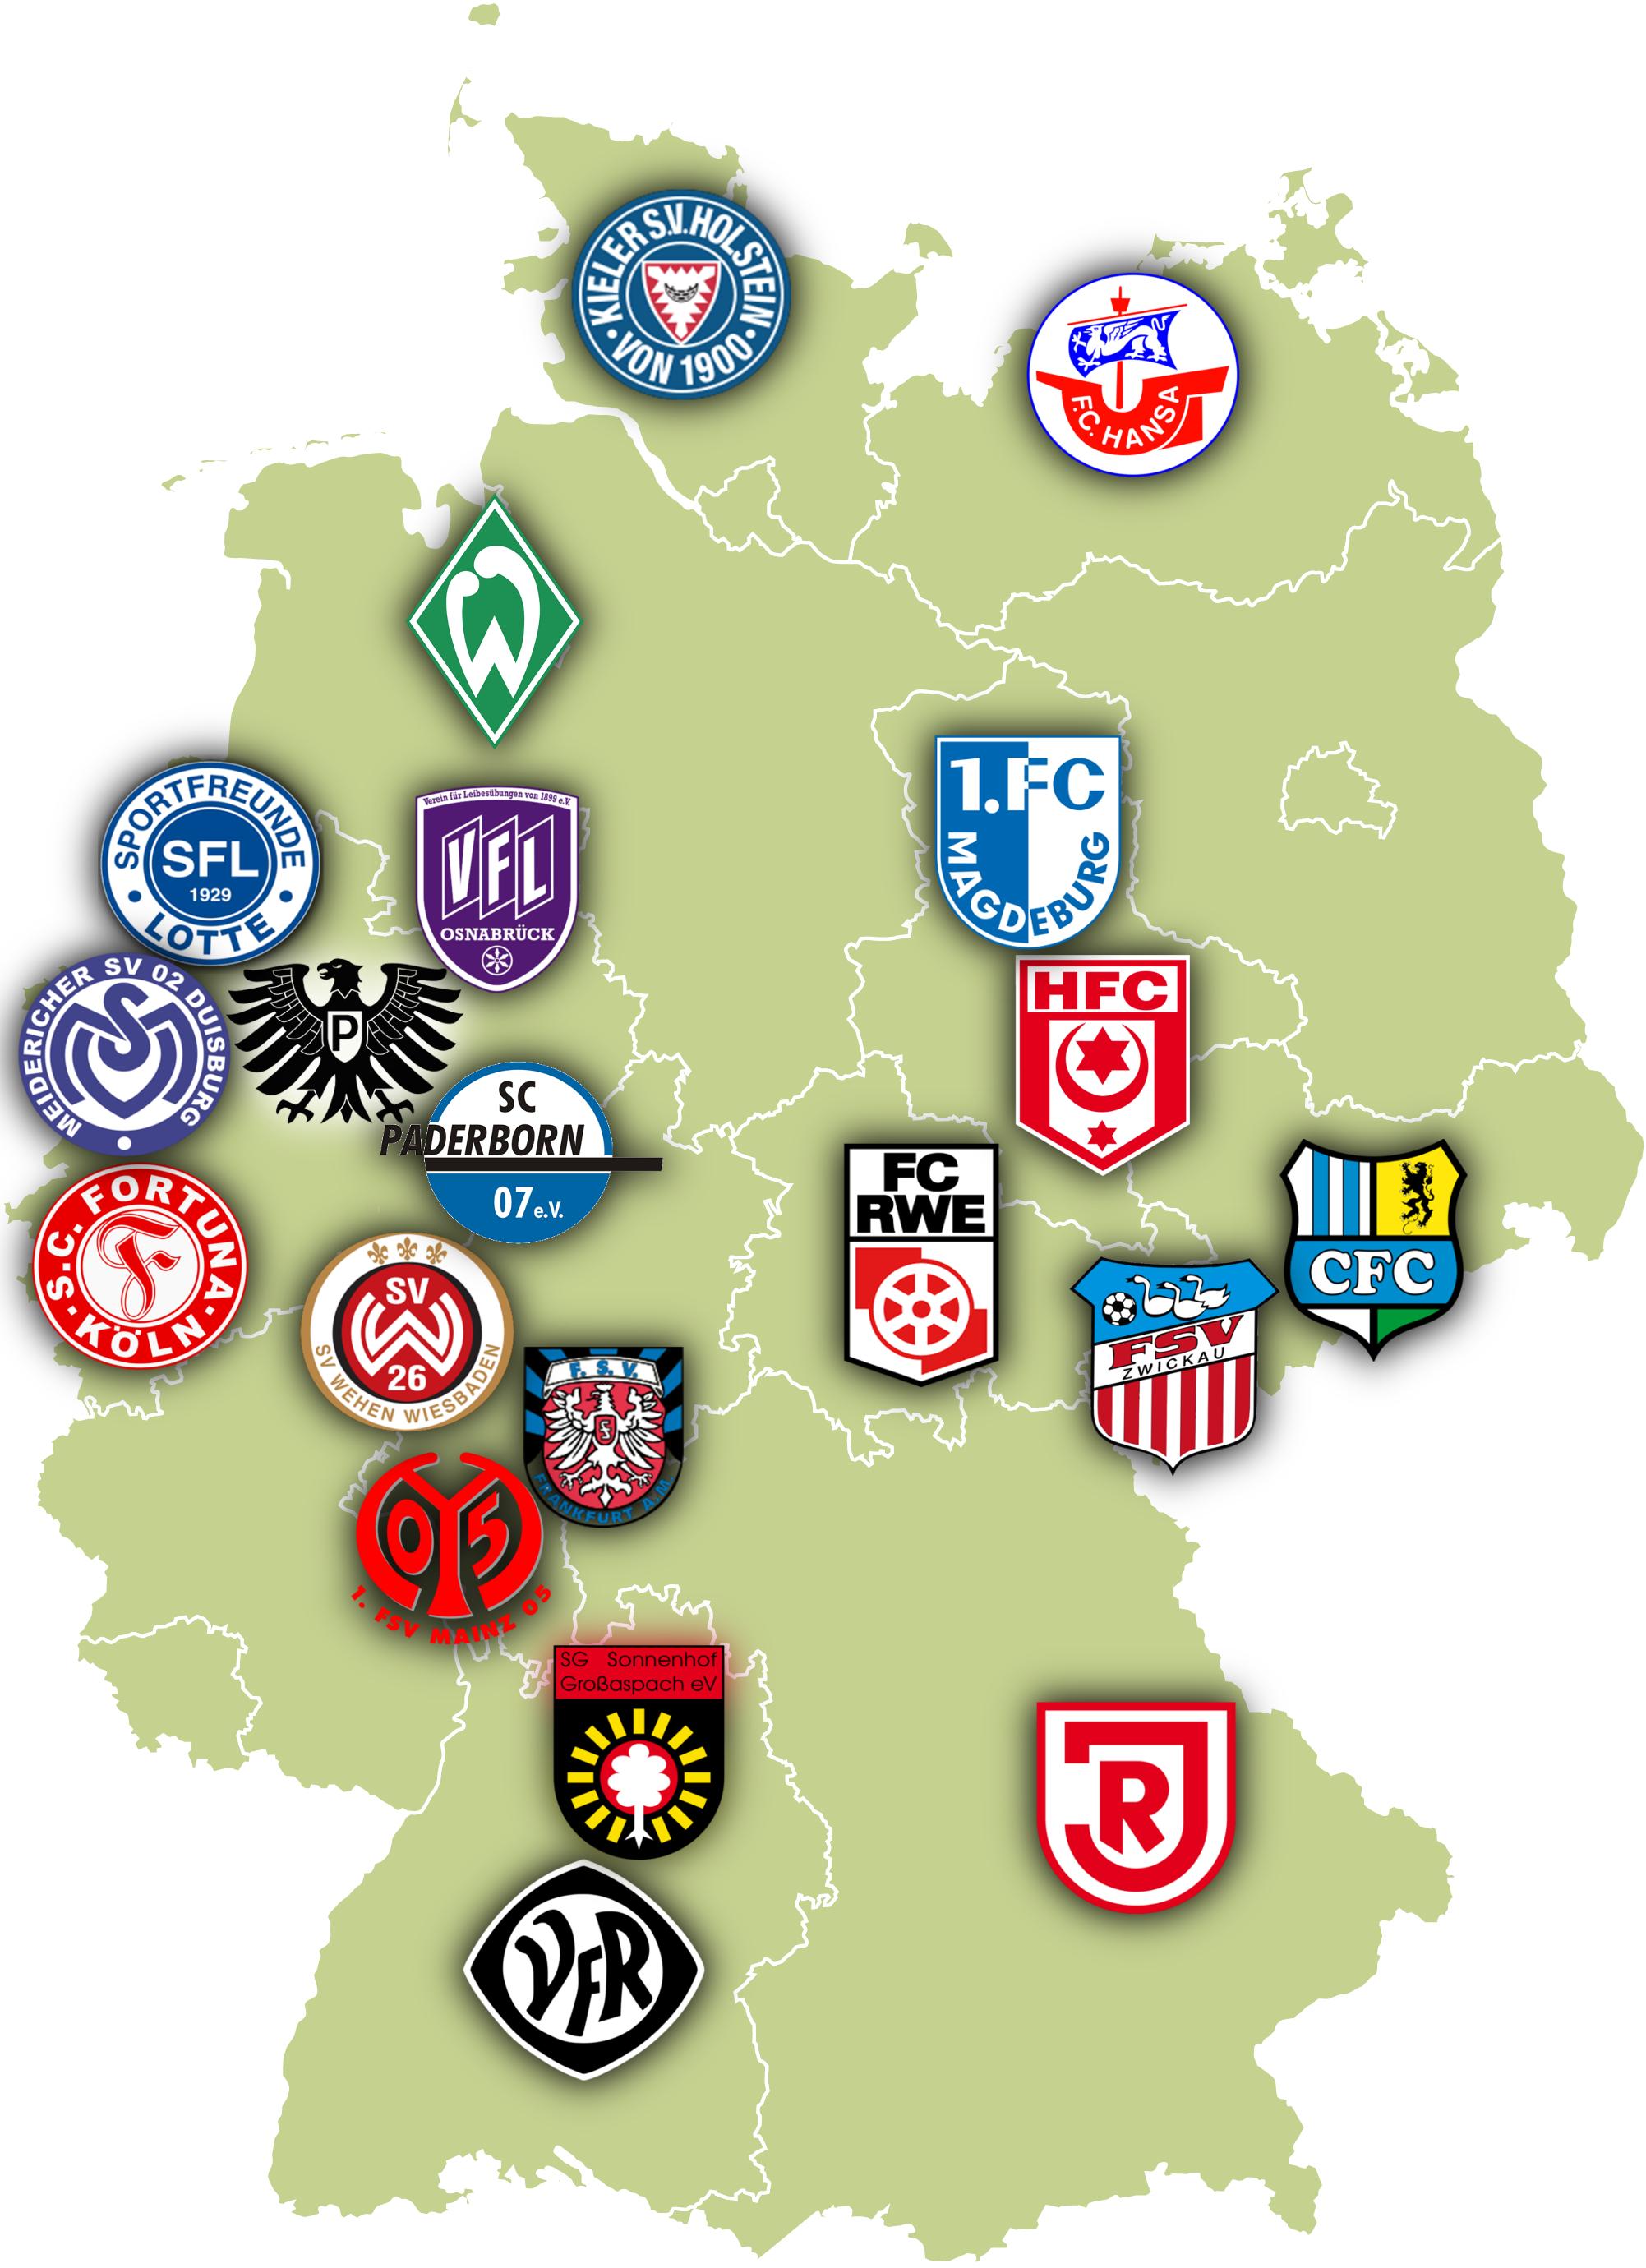 Landkarte 3 Liga Alle Vereine Und Fussball Stadien